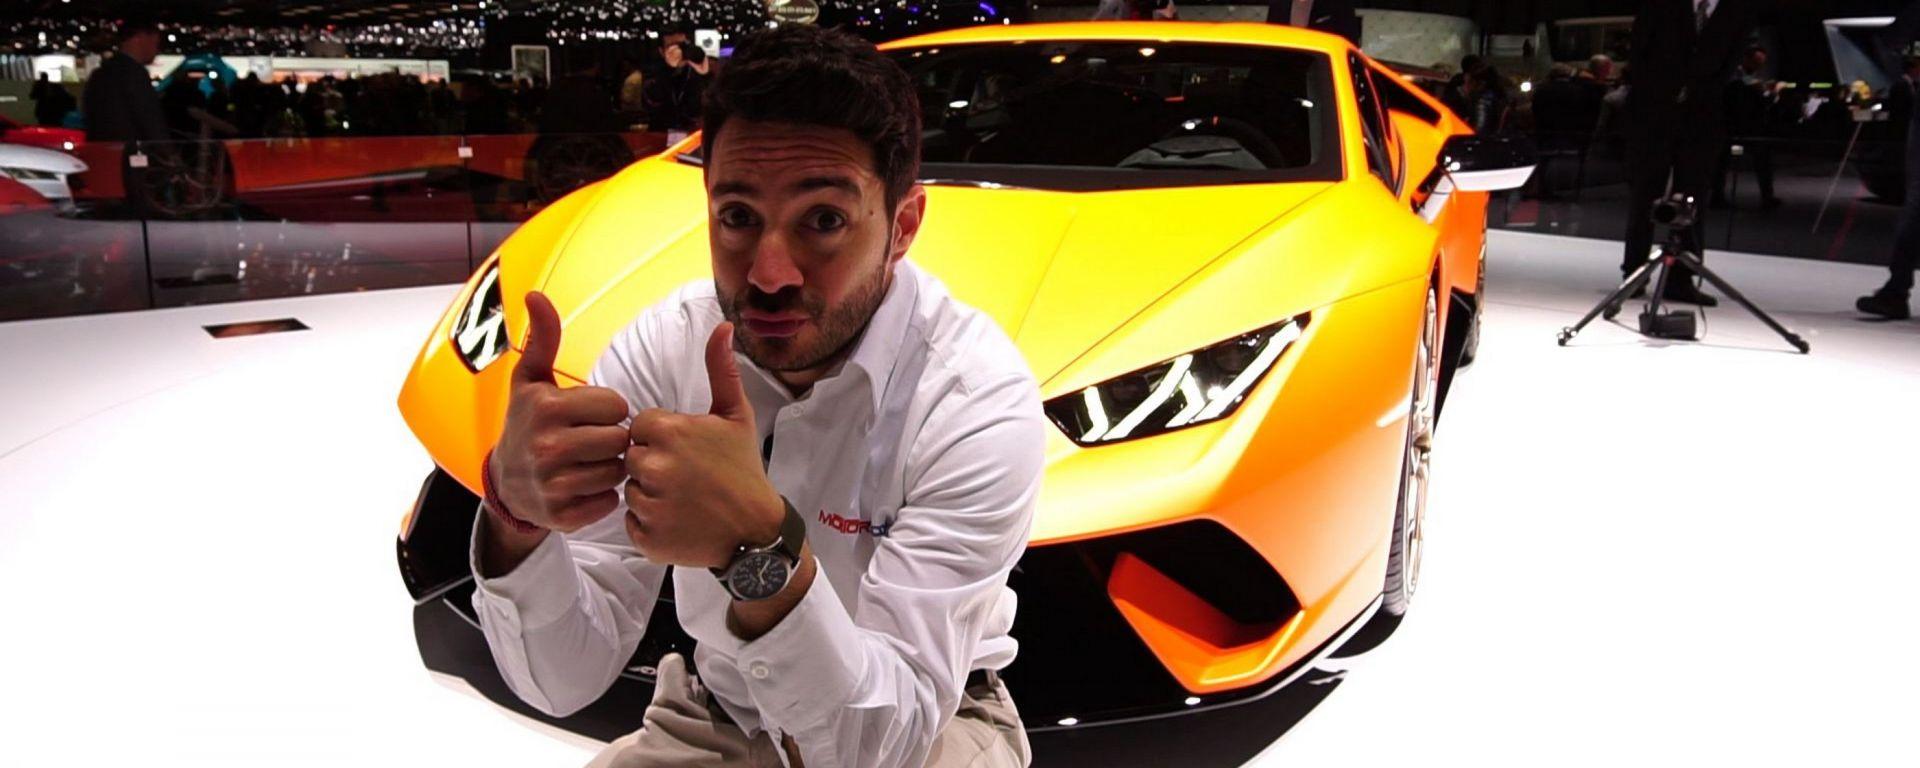 Lamborghini Huracan Performante, Salone di Ginevra 2017, live dallo stand